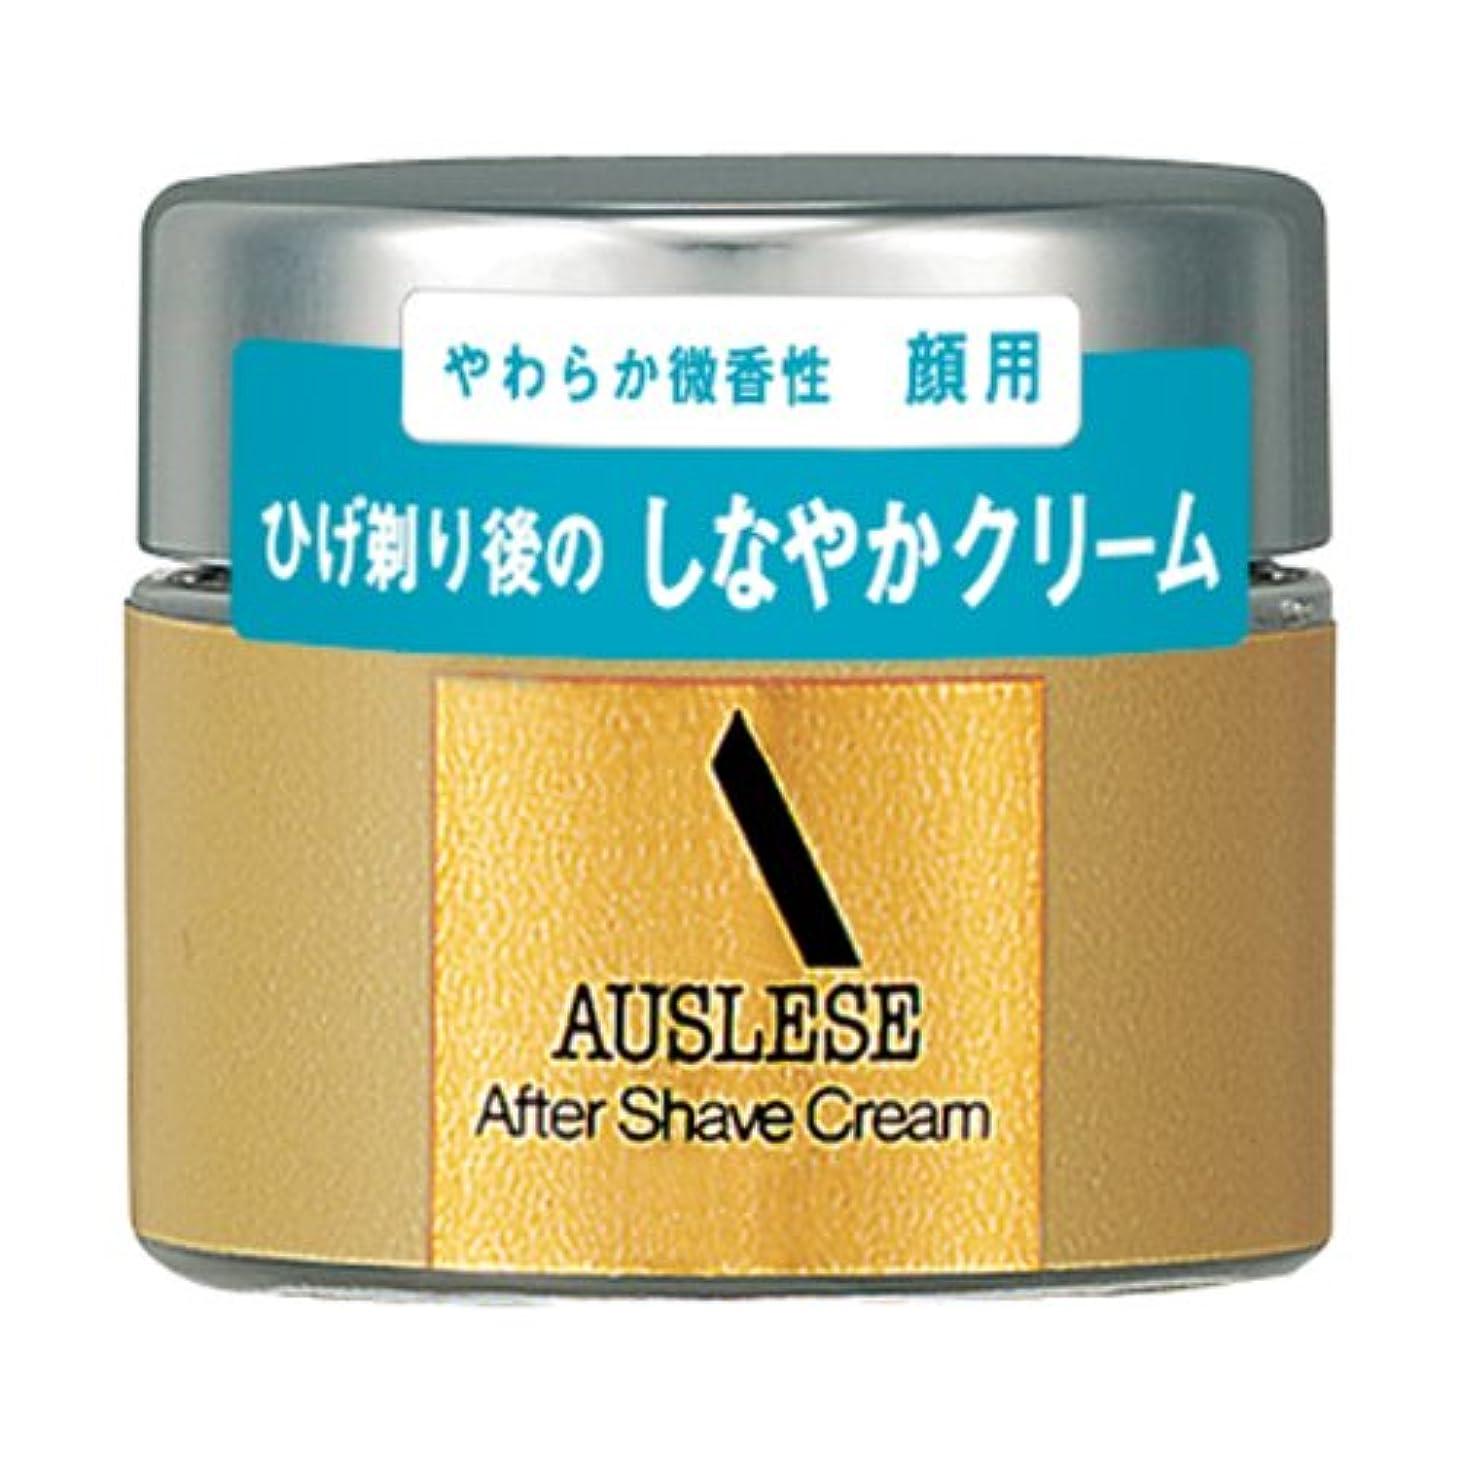 知的ルーキーブーストアウスレーゼ アフターシェーブクリームNA 30g 【医薬部外品】